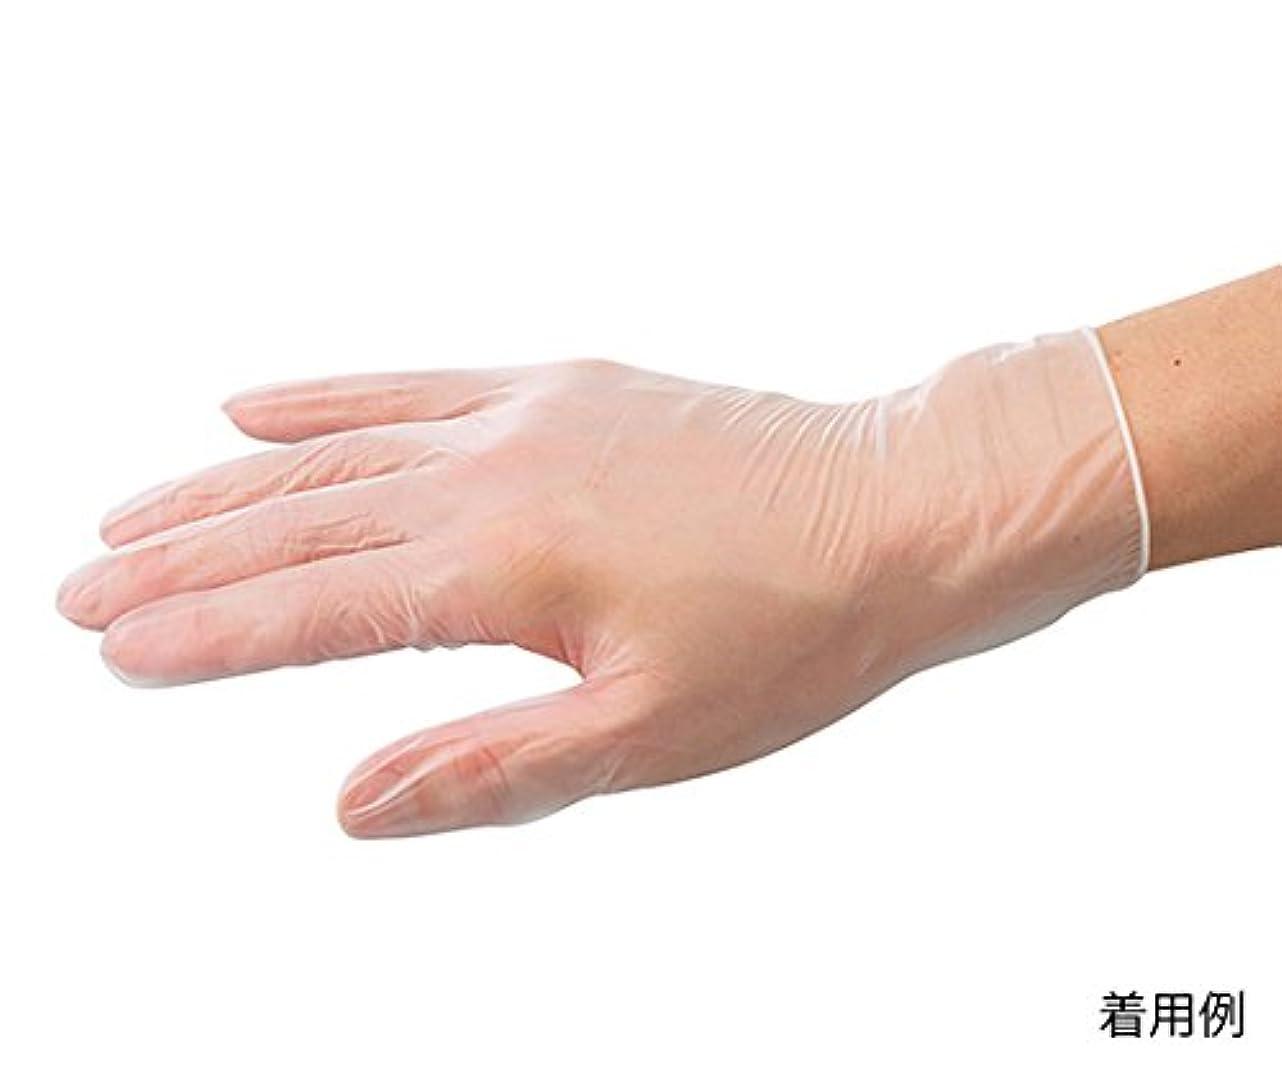 シュートフラフープ戸棚ARメディコム?インク?アジアリミテッド7-3726-02バイタルプラスチック手袋(パウダーフリー)M150枚入